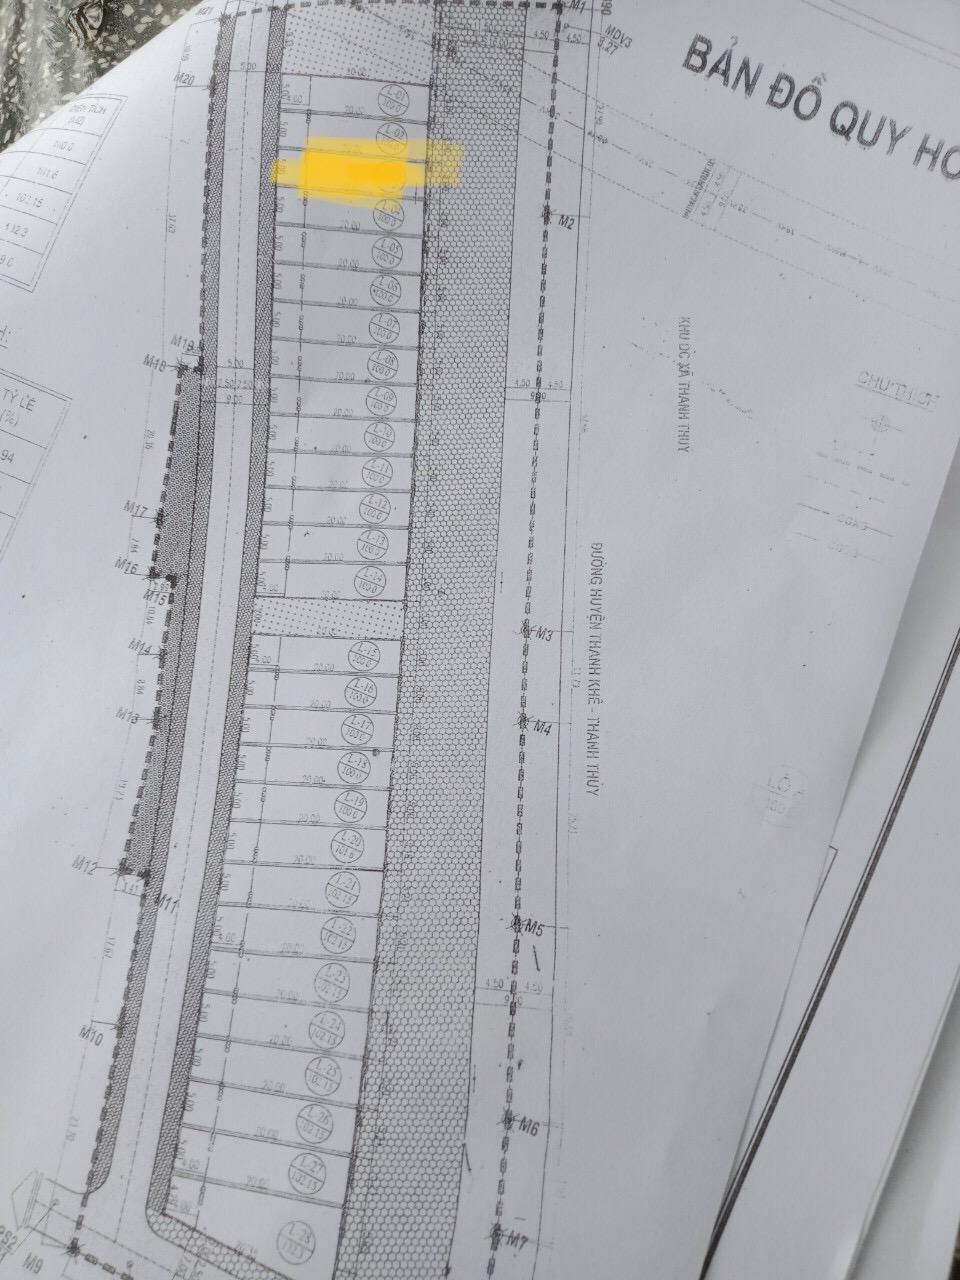 Cần bán Đất nền dự án Xã Thanh Sơn, Thanh Hà, Diện tích 100m², Giá Thương lượng - LH: 0906067234